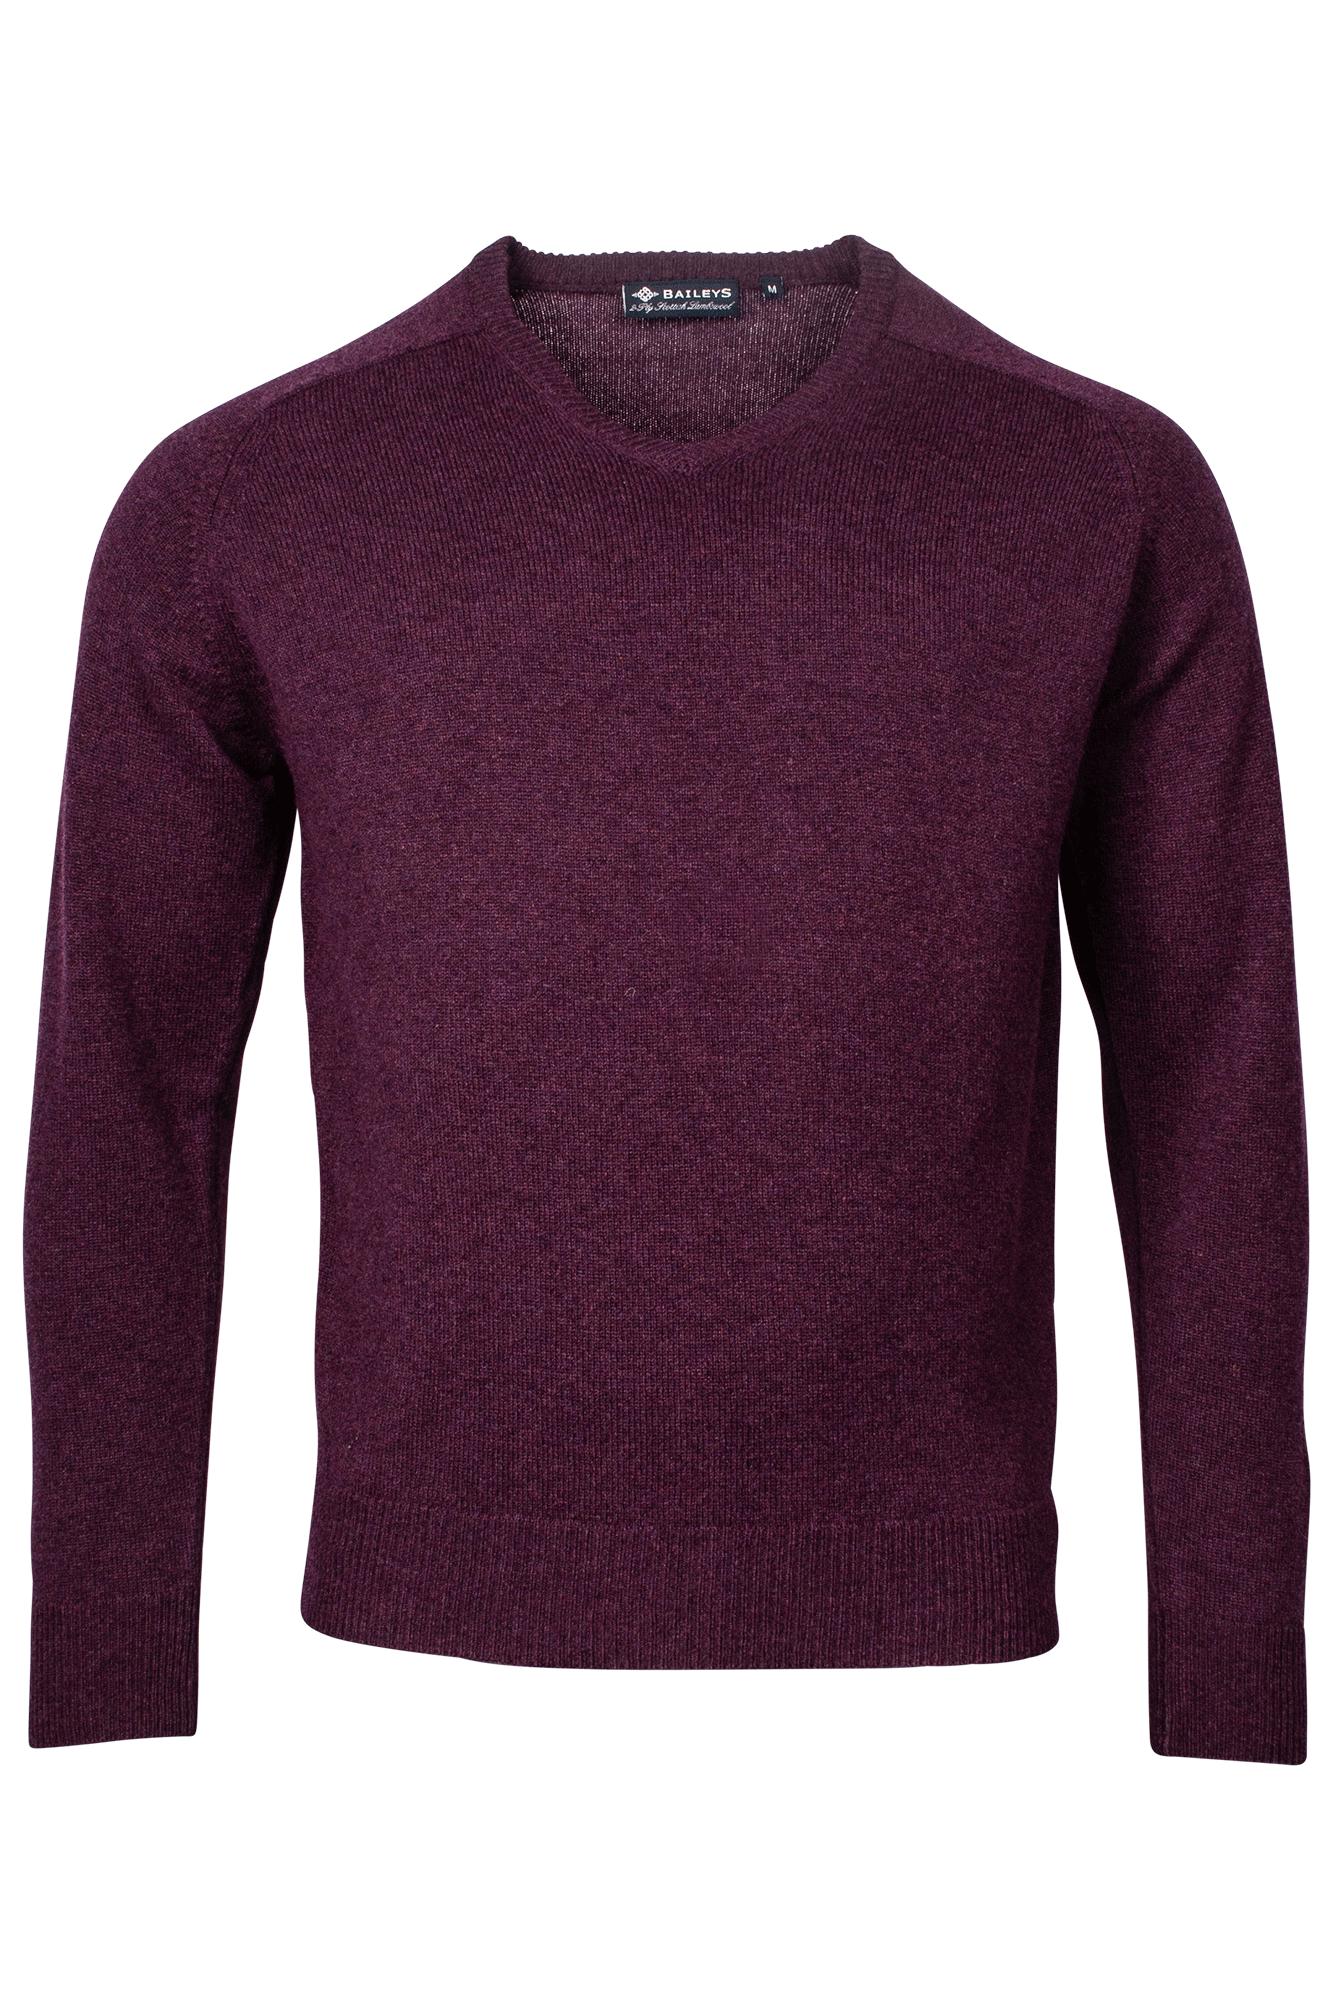 Baileys lamswollen pullover, v-hals, bordeaux